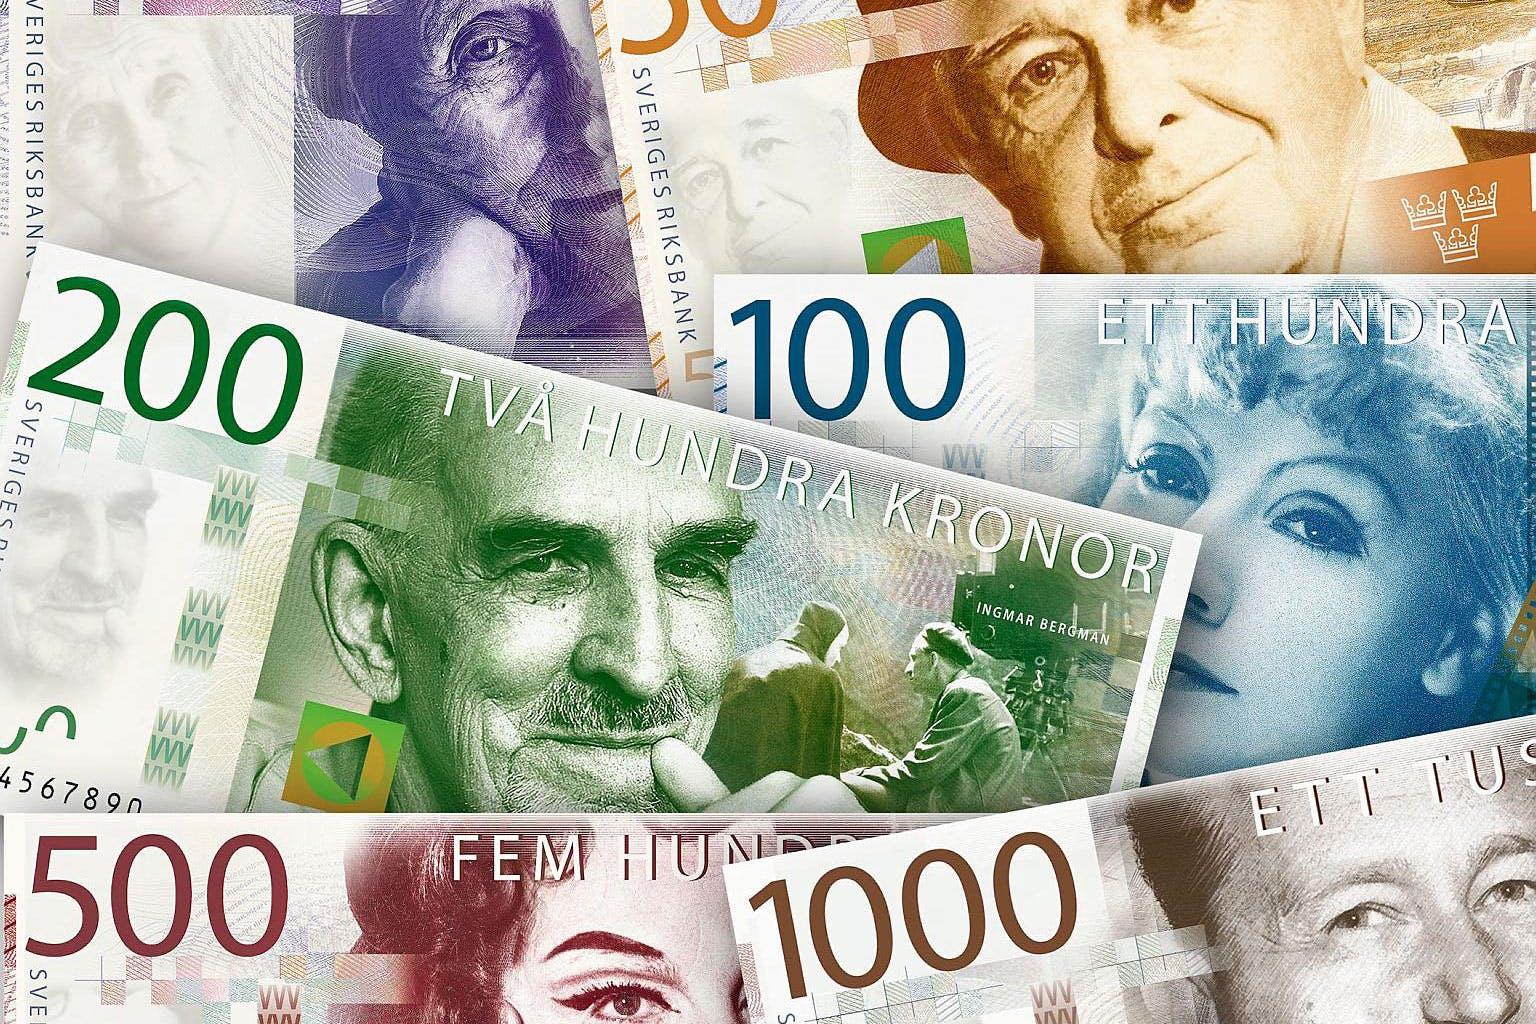 pengar_nya